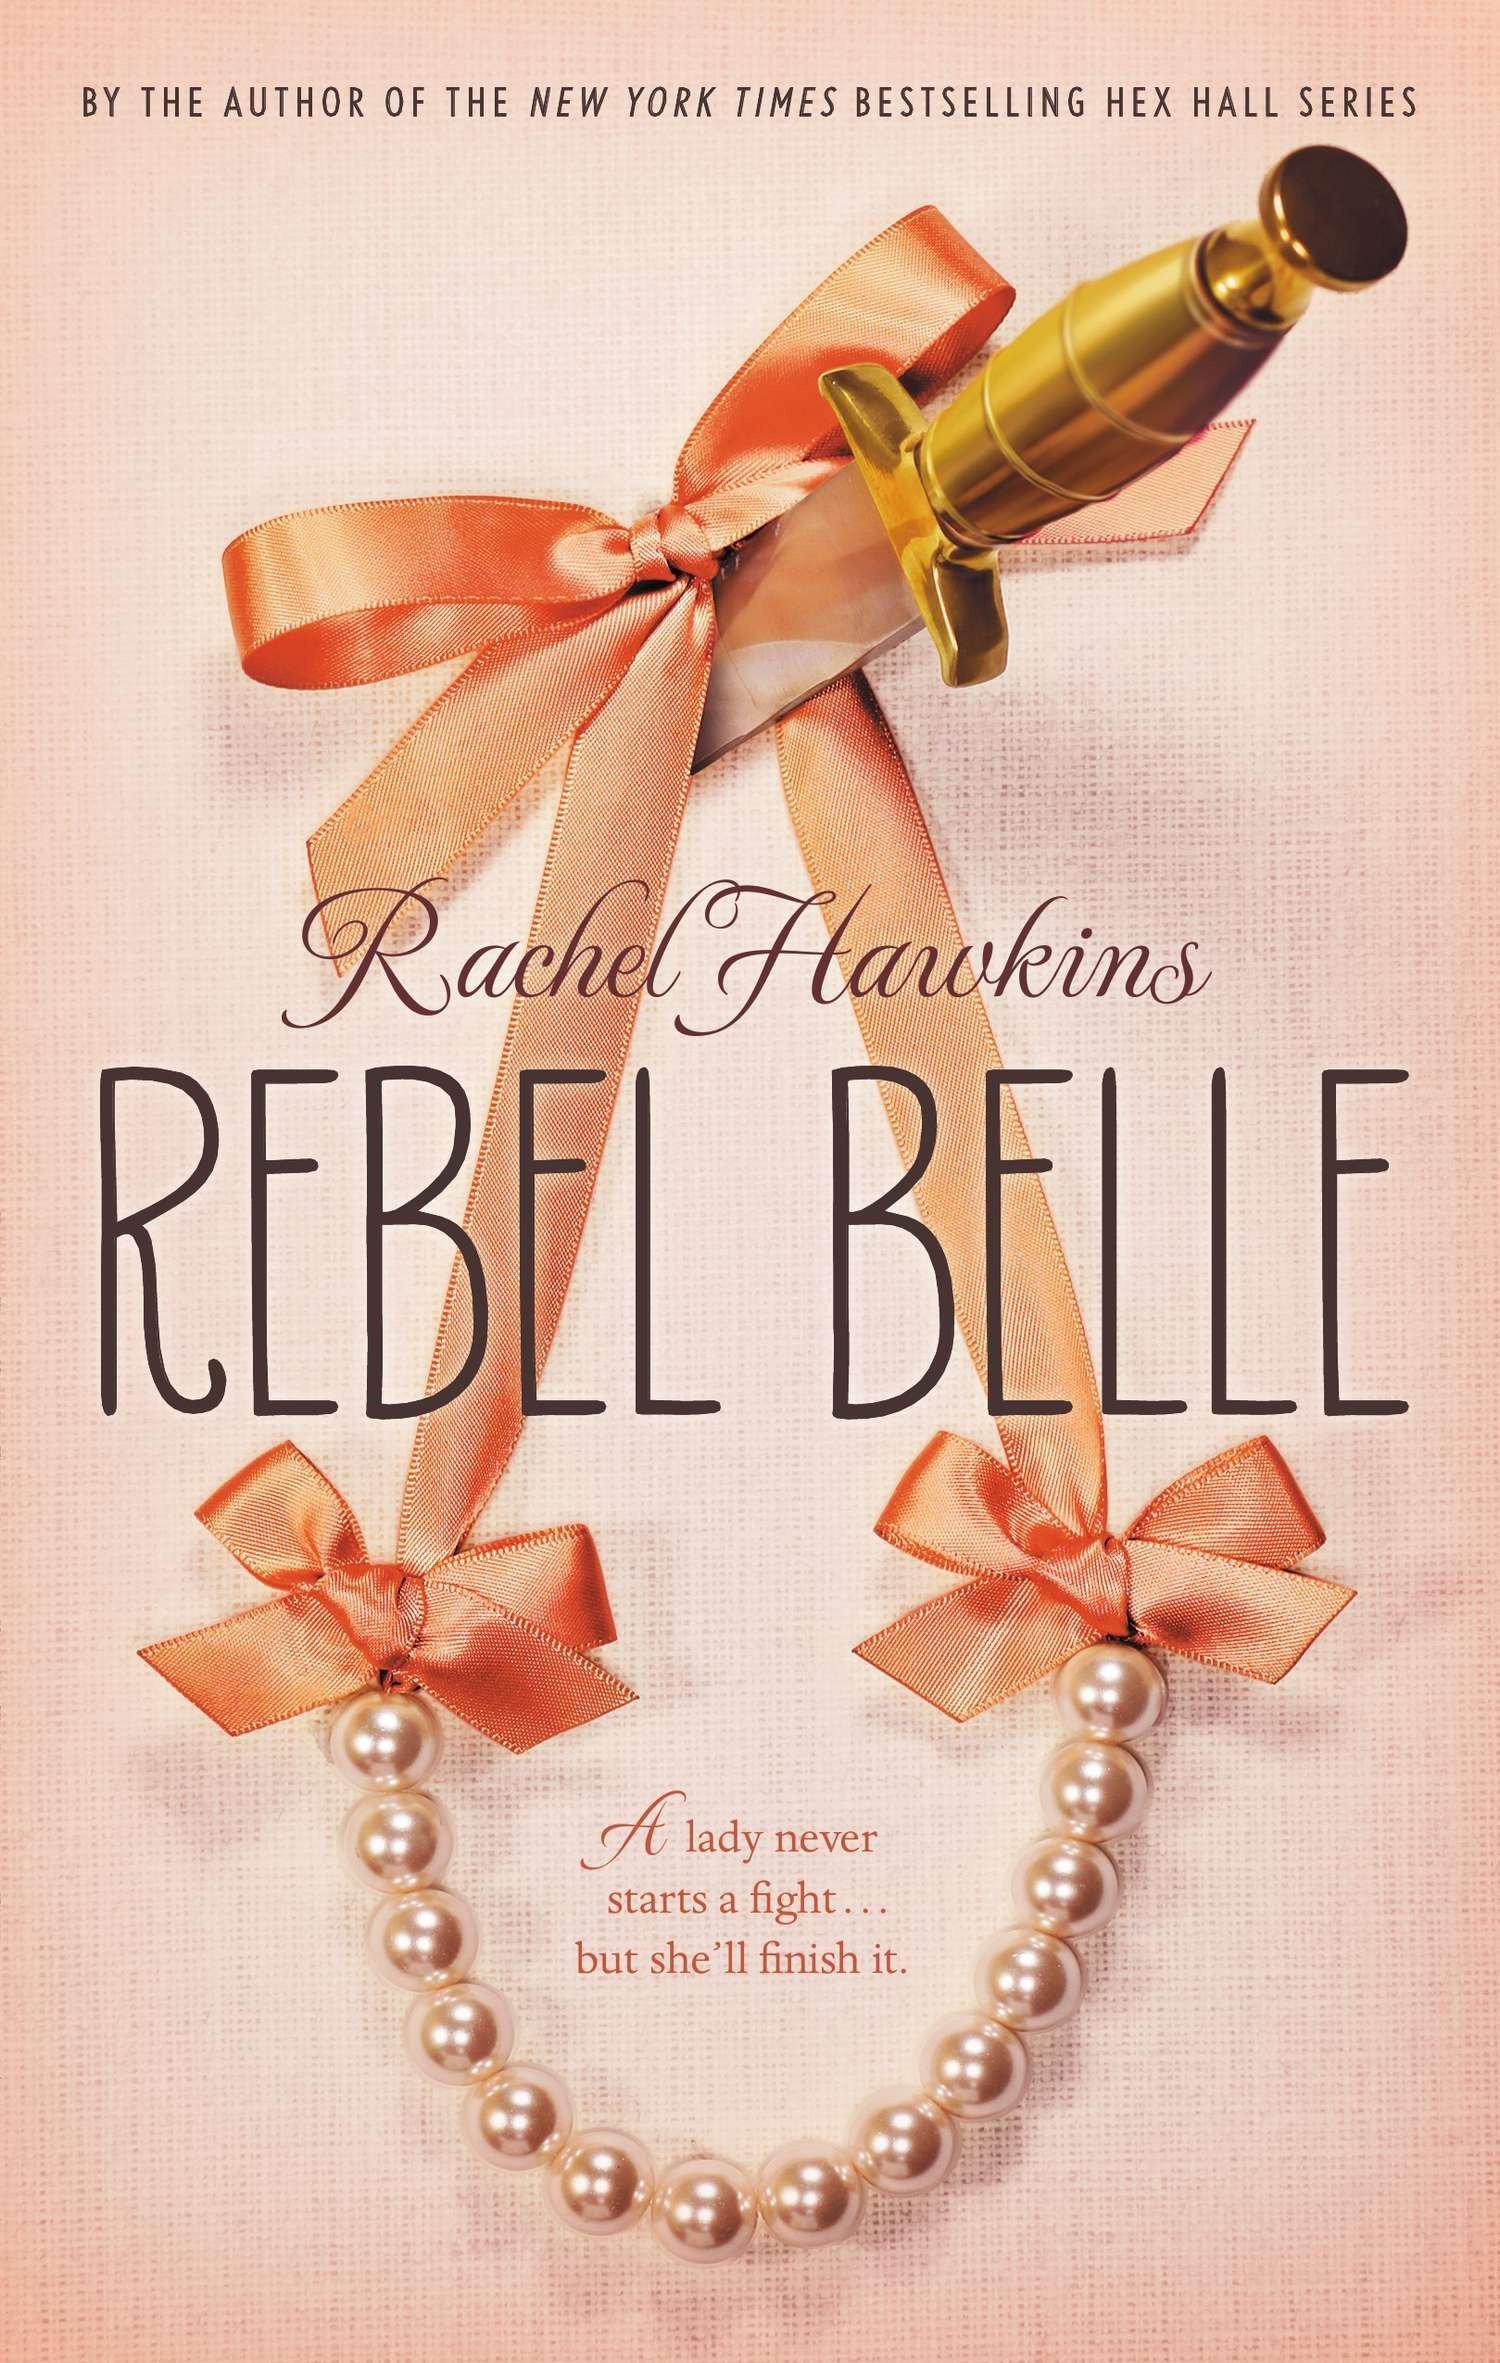 Amazon.com: Rebel Belle (9780399256936): Rachel Hawkins: Books